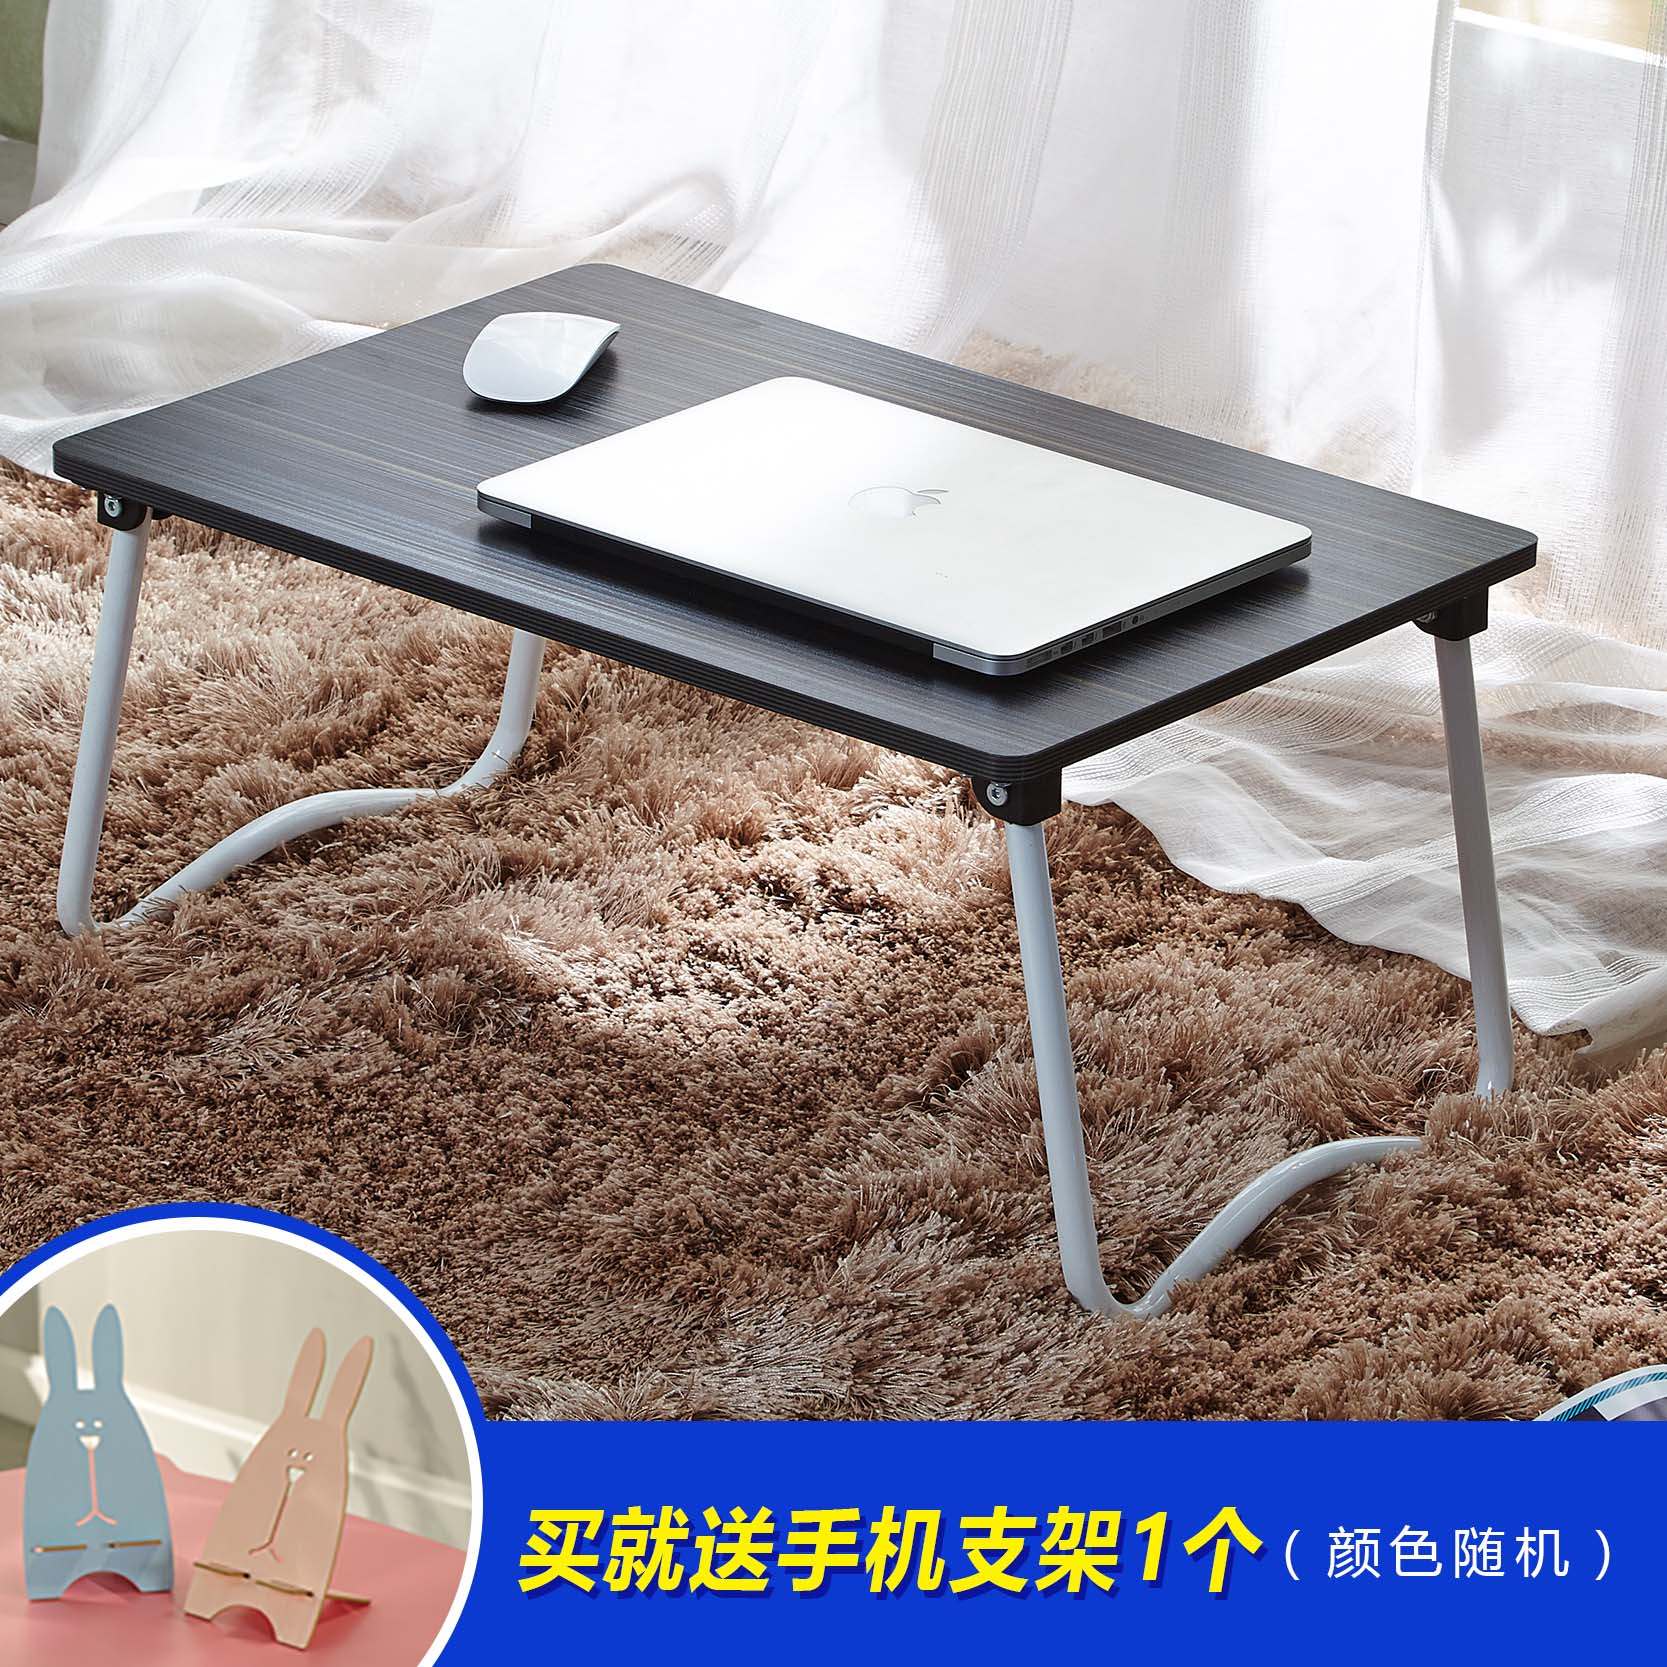 Ноутбук компьютерный стол сделать кровать использование бездельник стол небольшой стол простой складные комната с несколькими кроватями изучение кровать маленькая книга стол